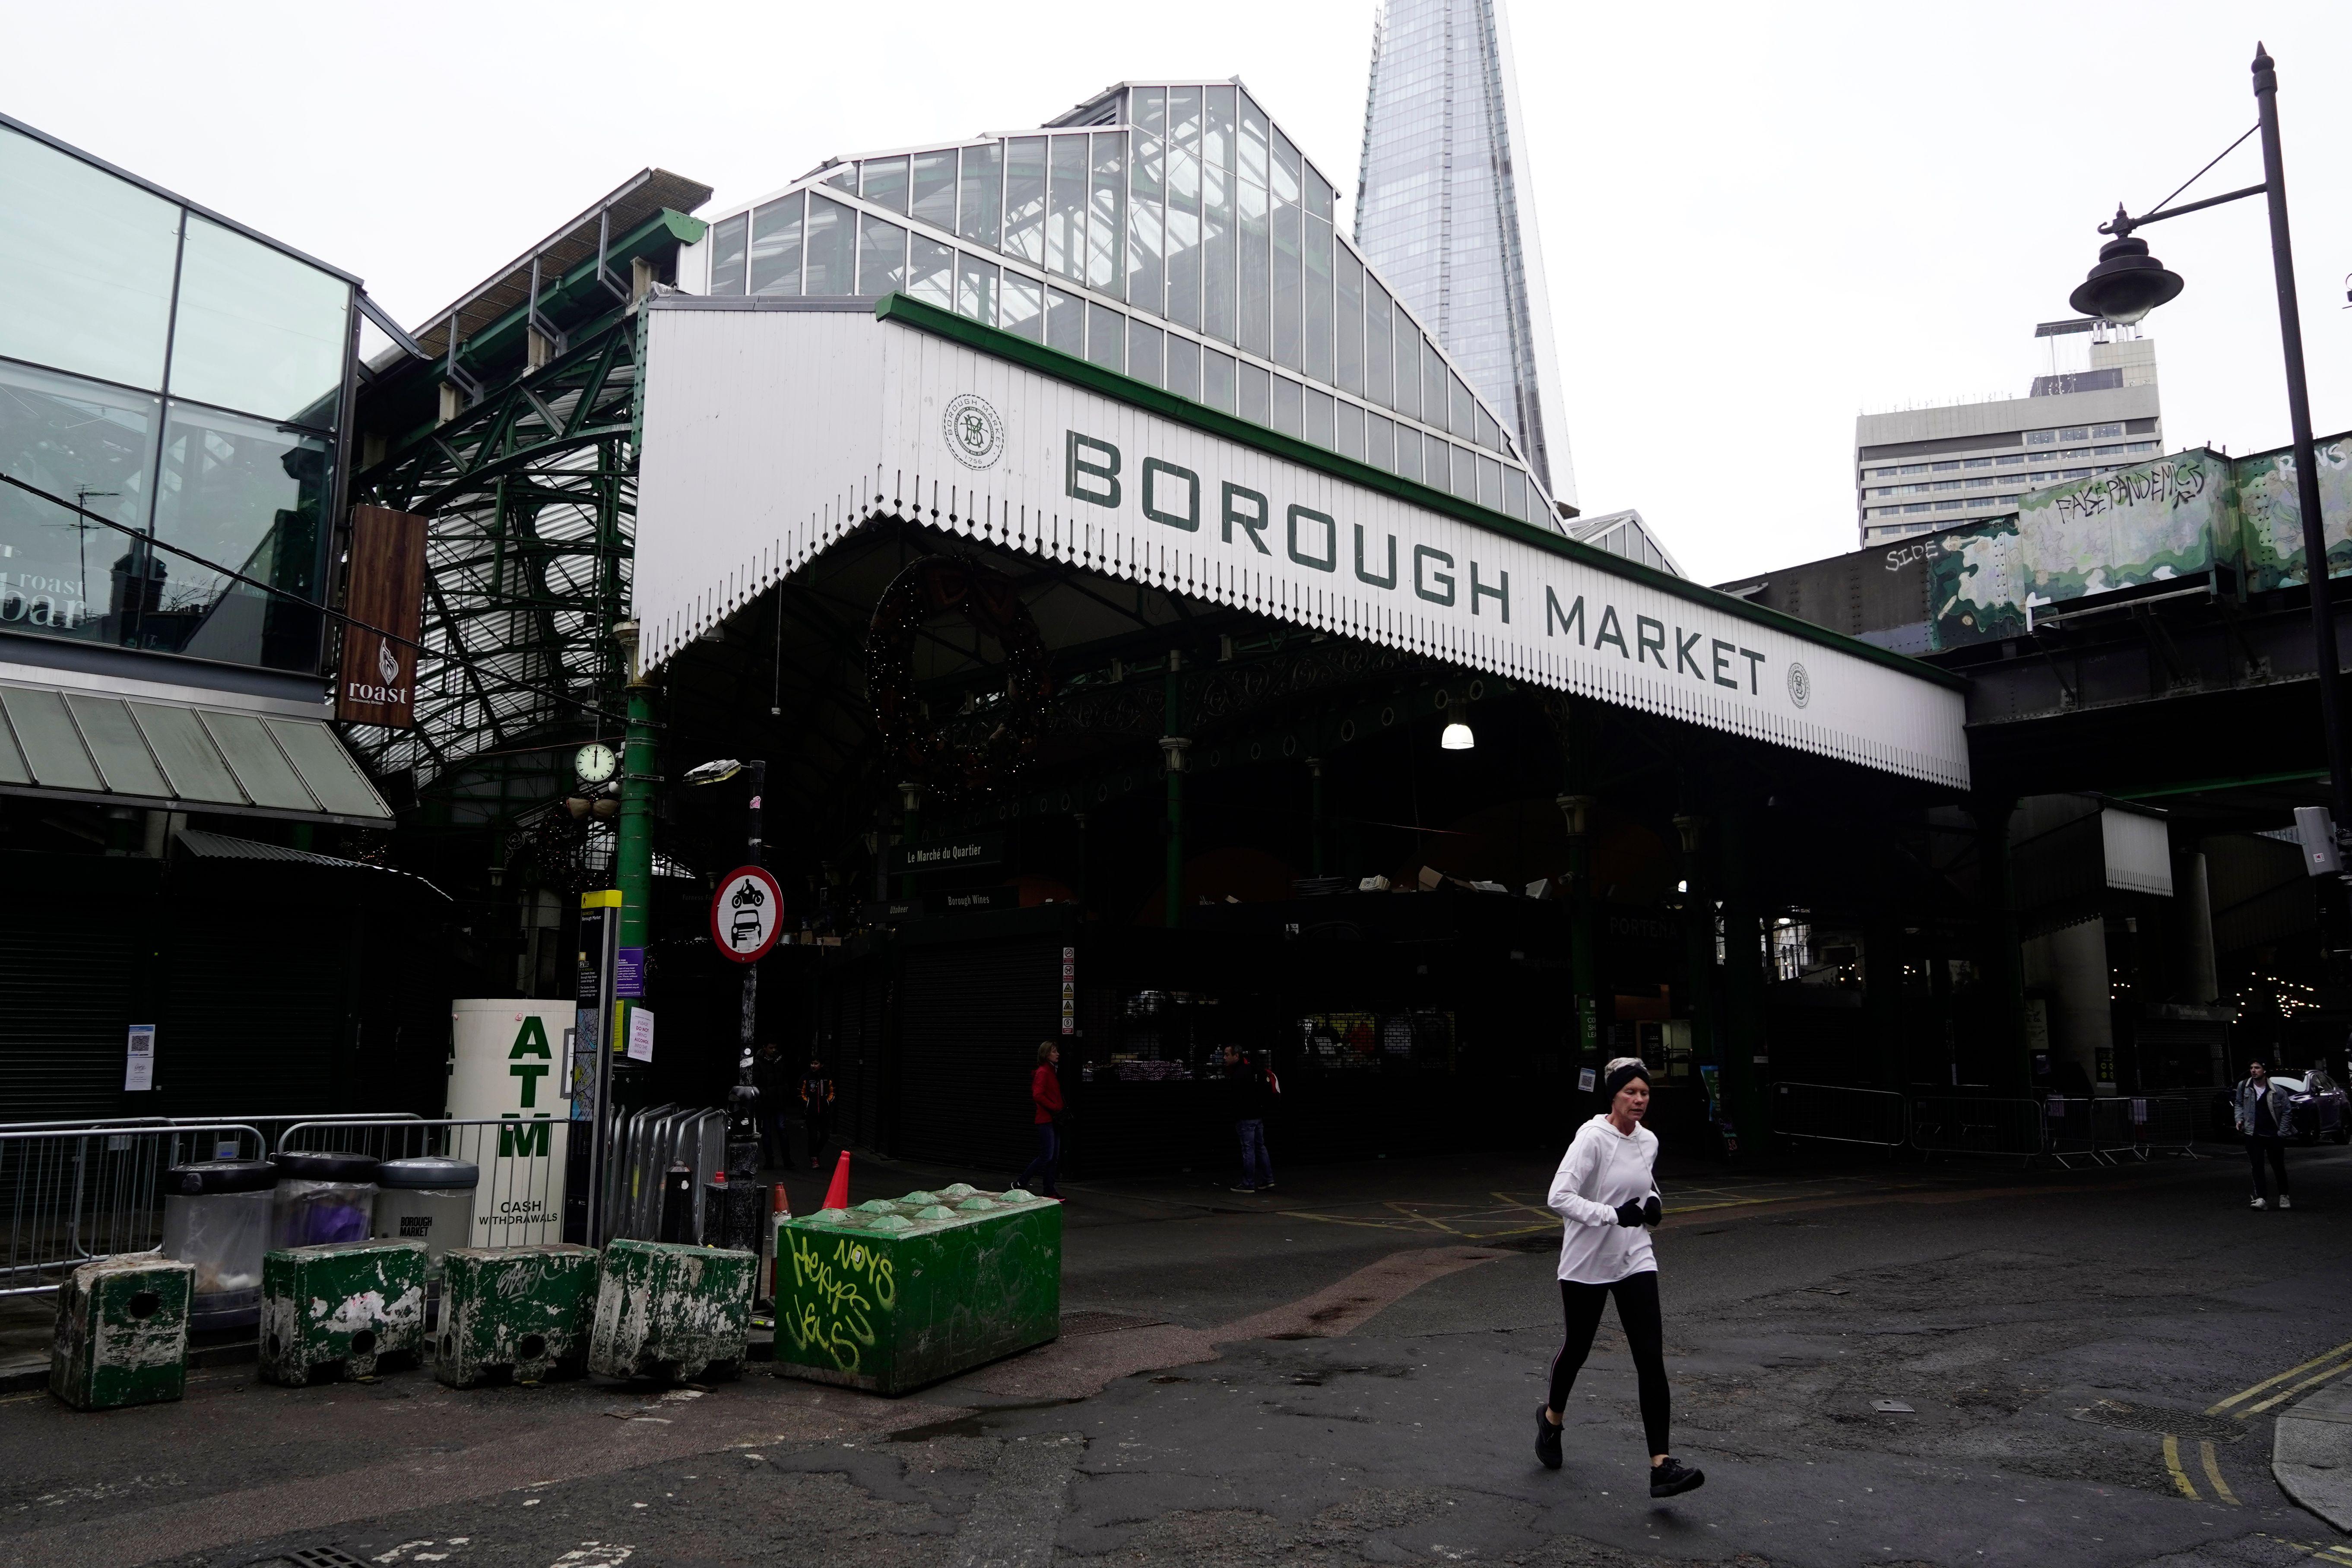 The exterior of Borough Market in London Bridge